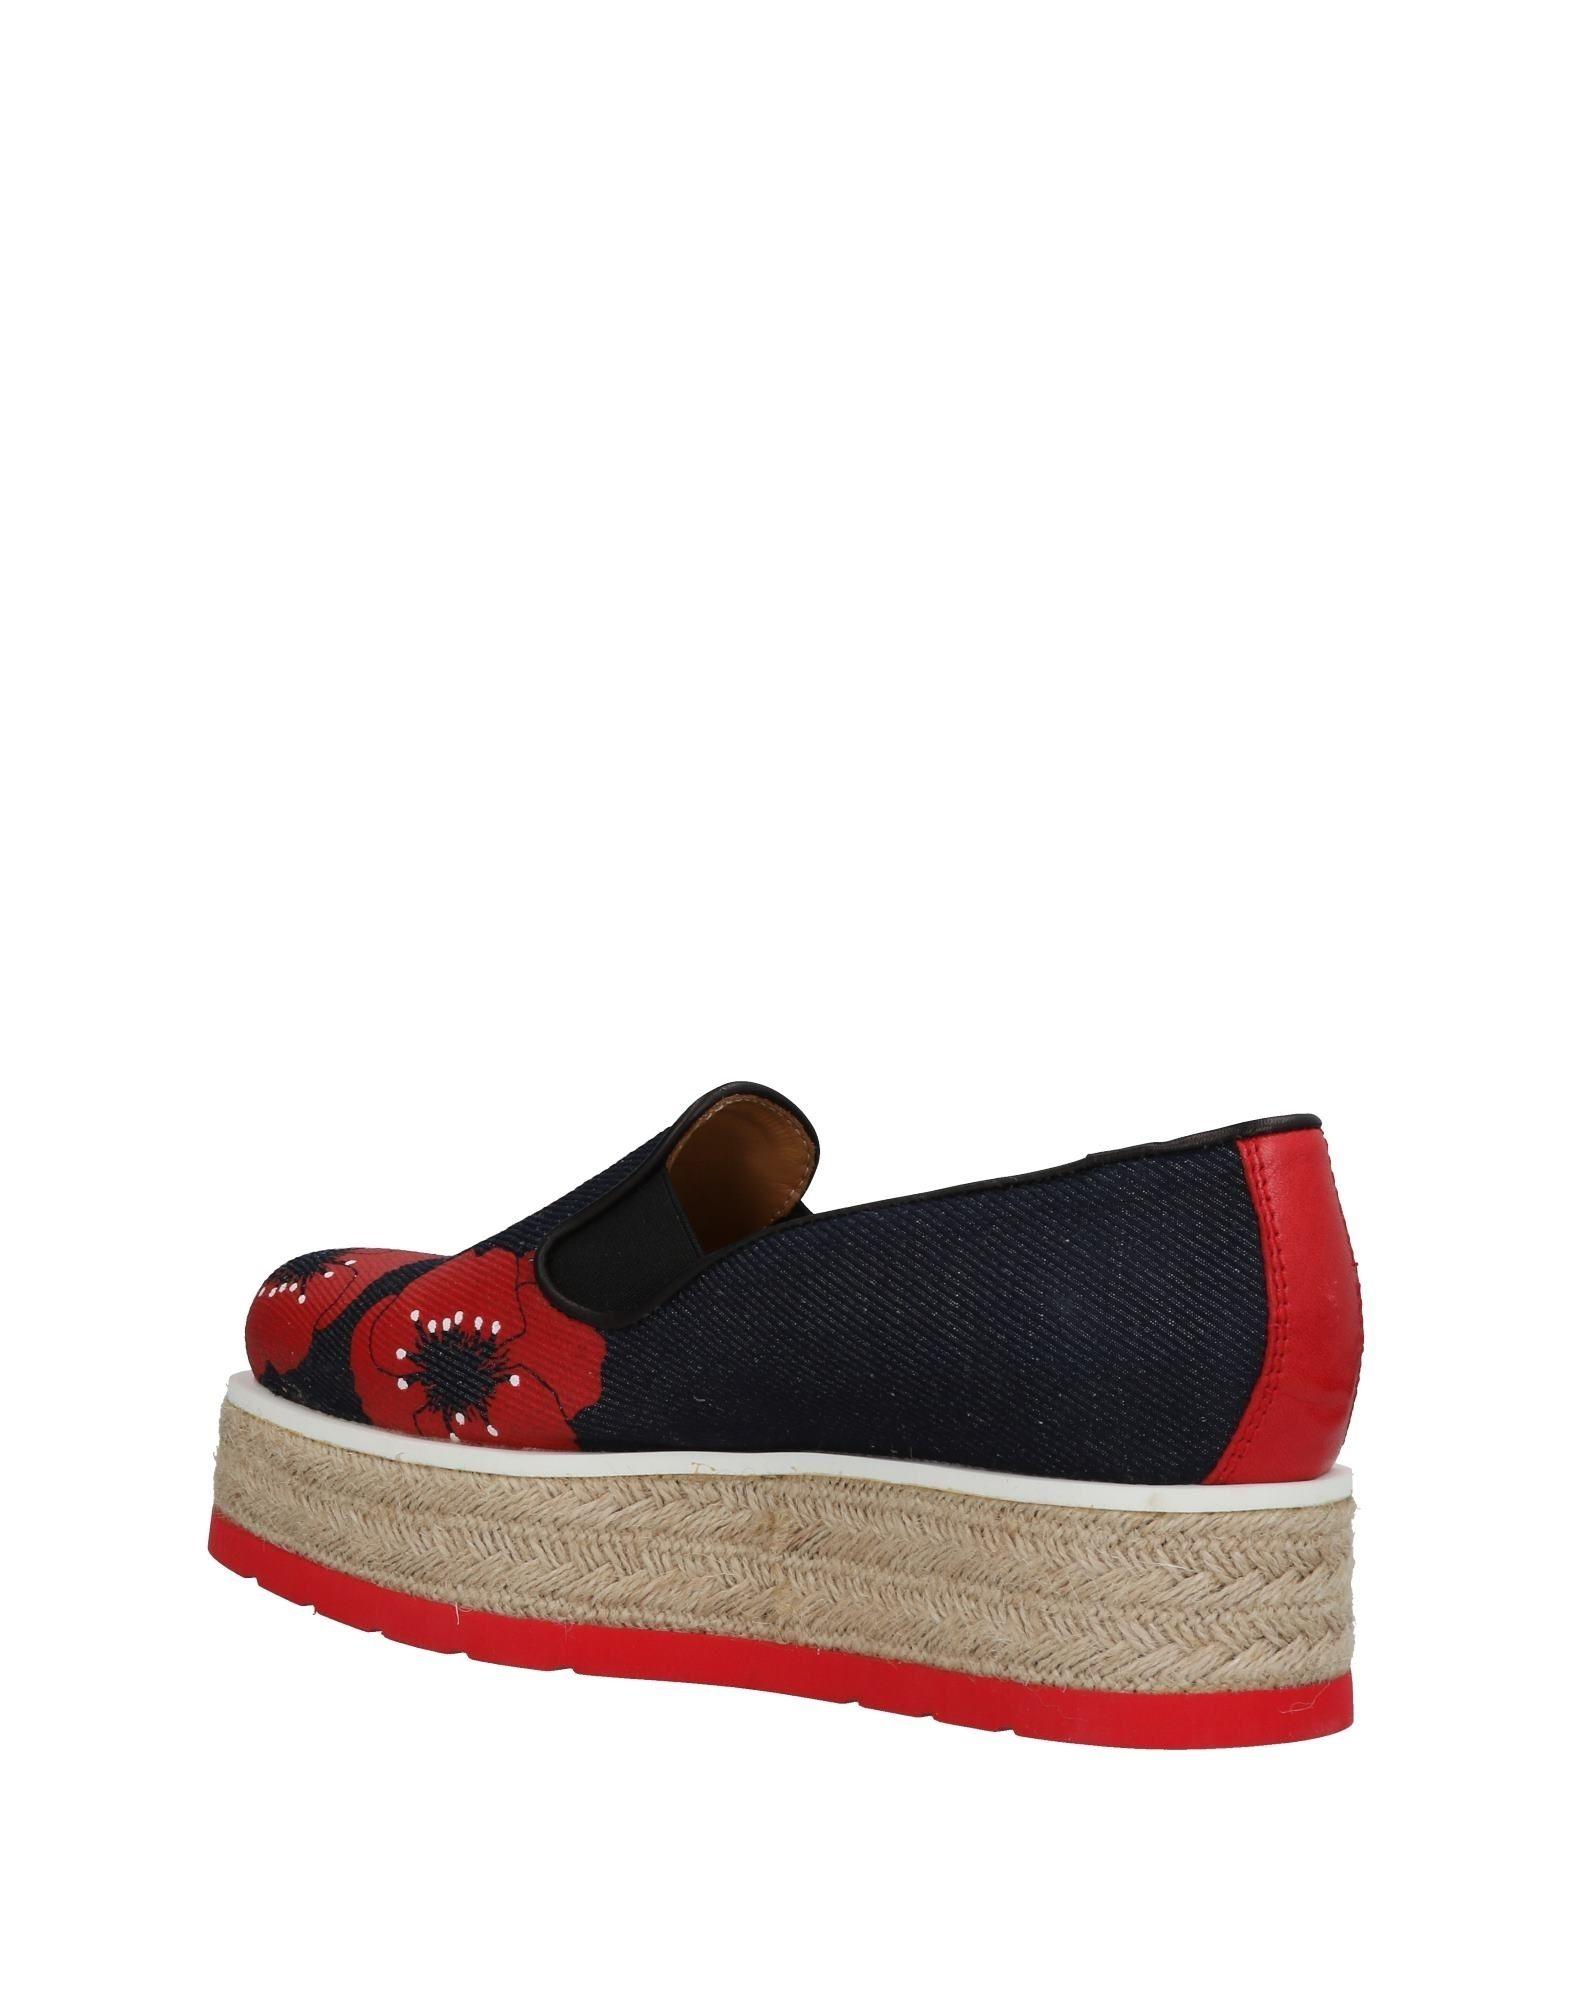 Dondup Heiße Sneakers Damen  11419166DF Heiße Dondup Schuhe 4b71d8